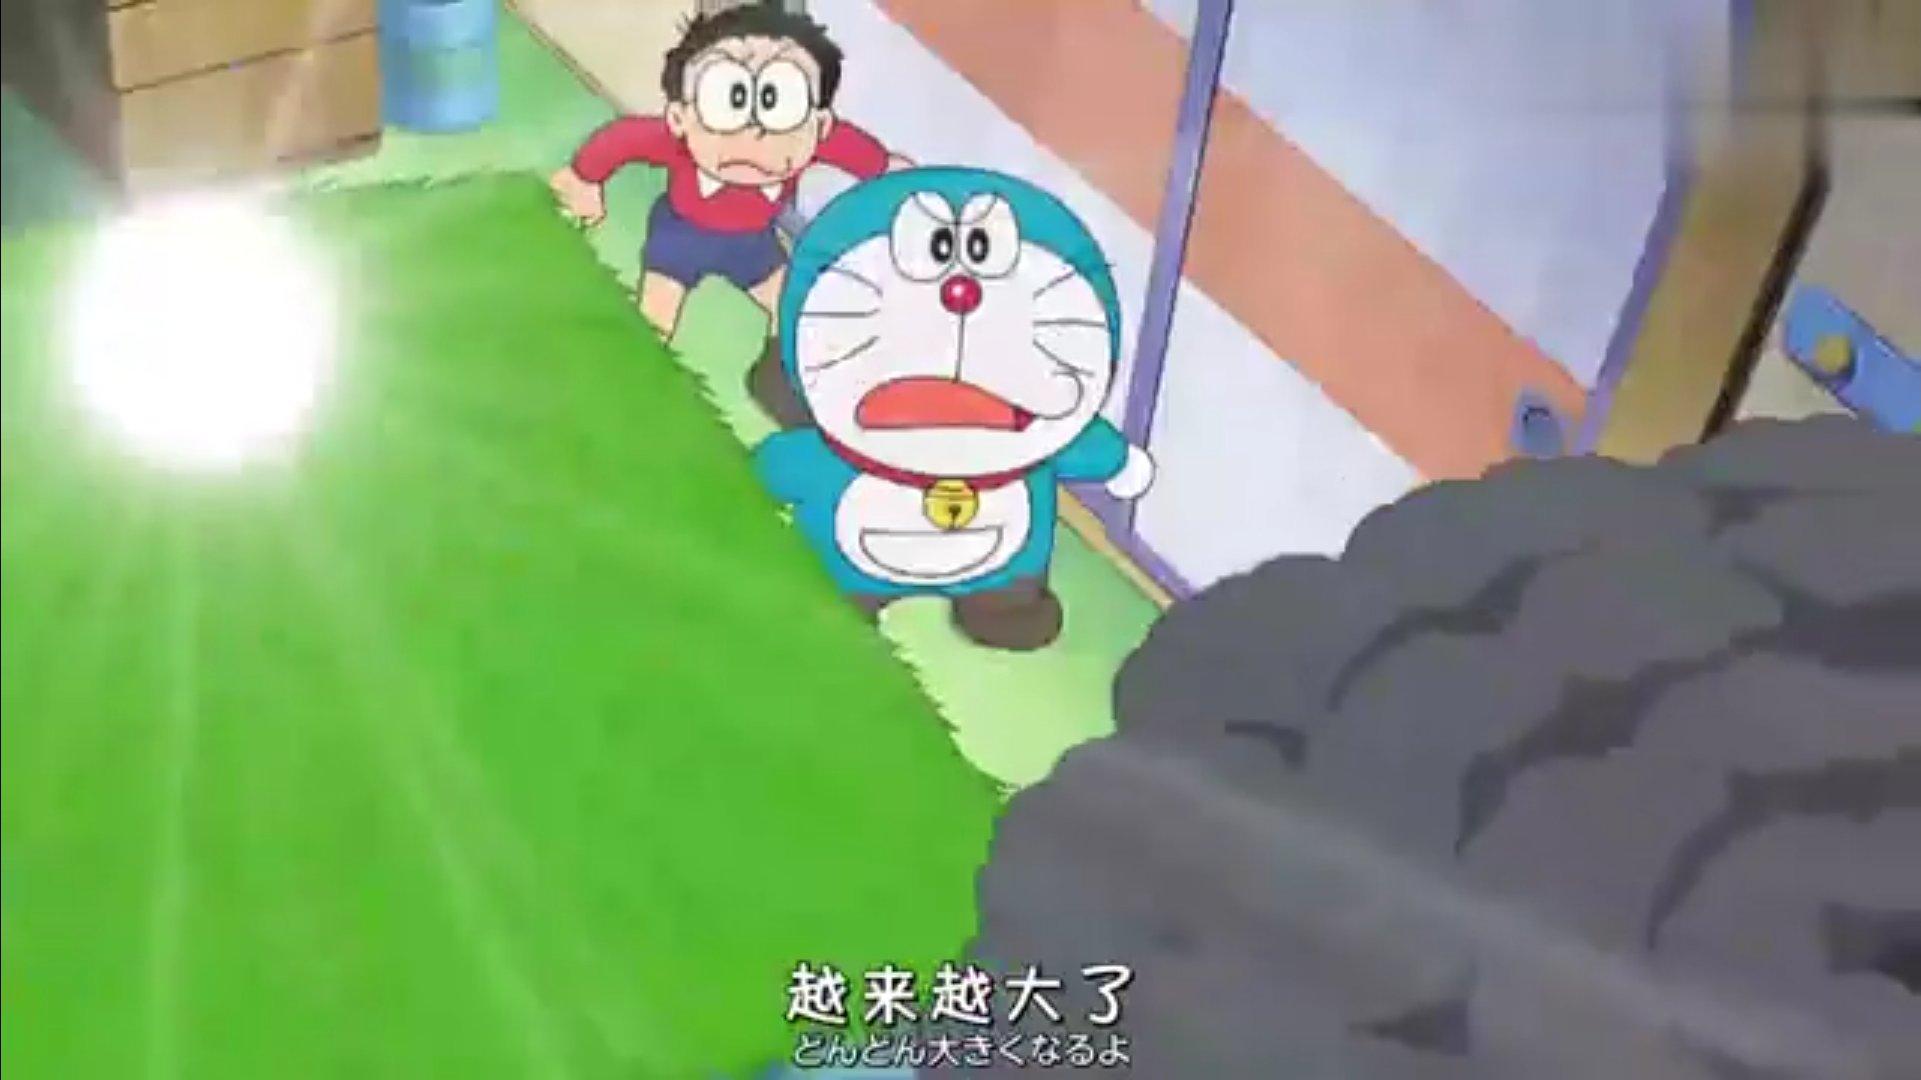 【视频】哆啦A梦和大雄在卧室里种水稻做年糕,遇到好多自然灾害,真